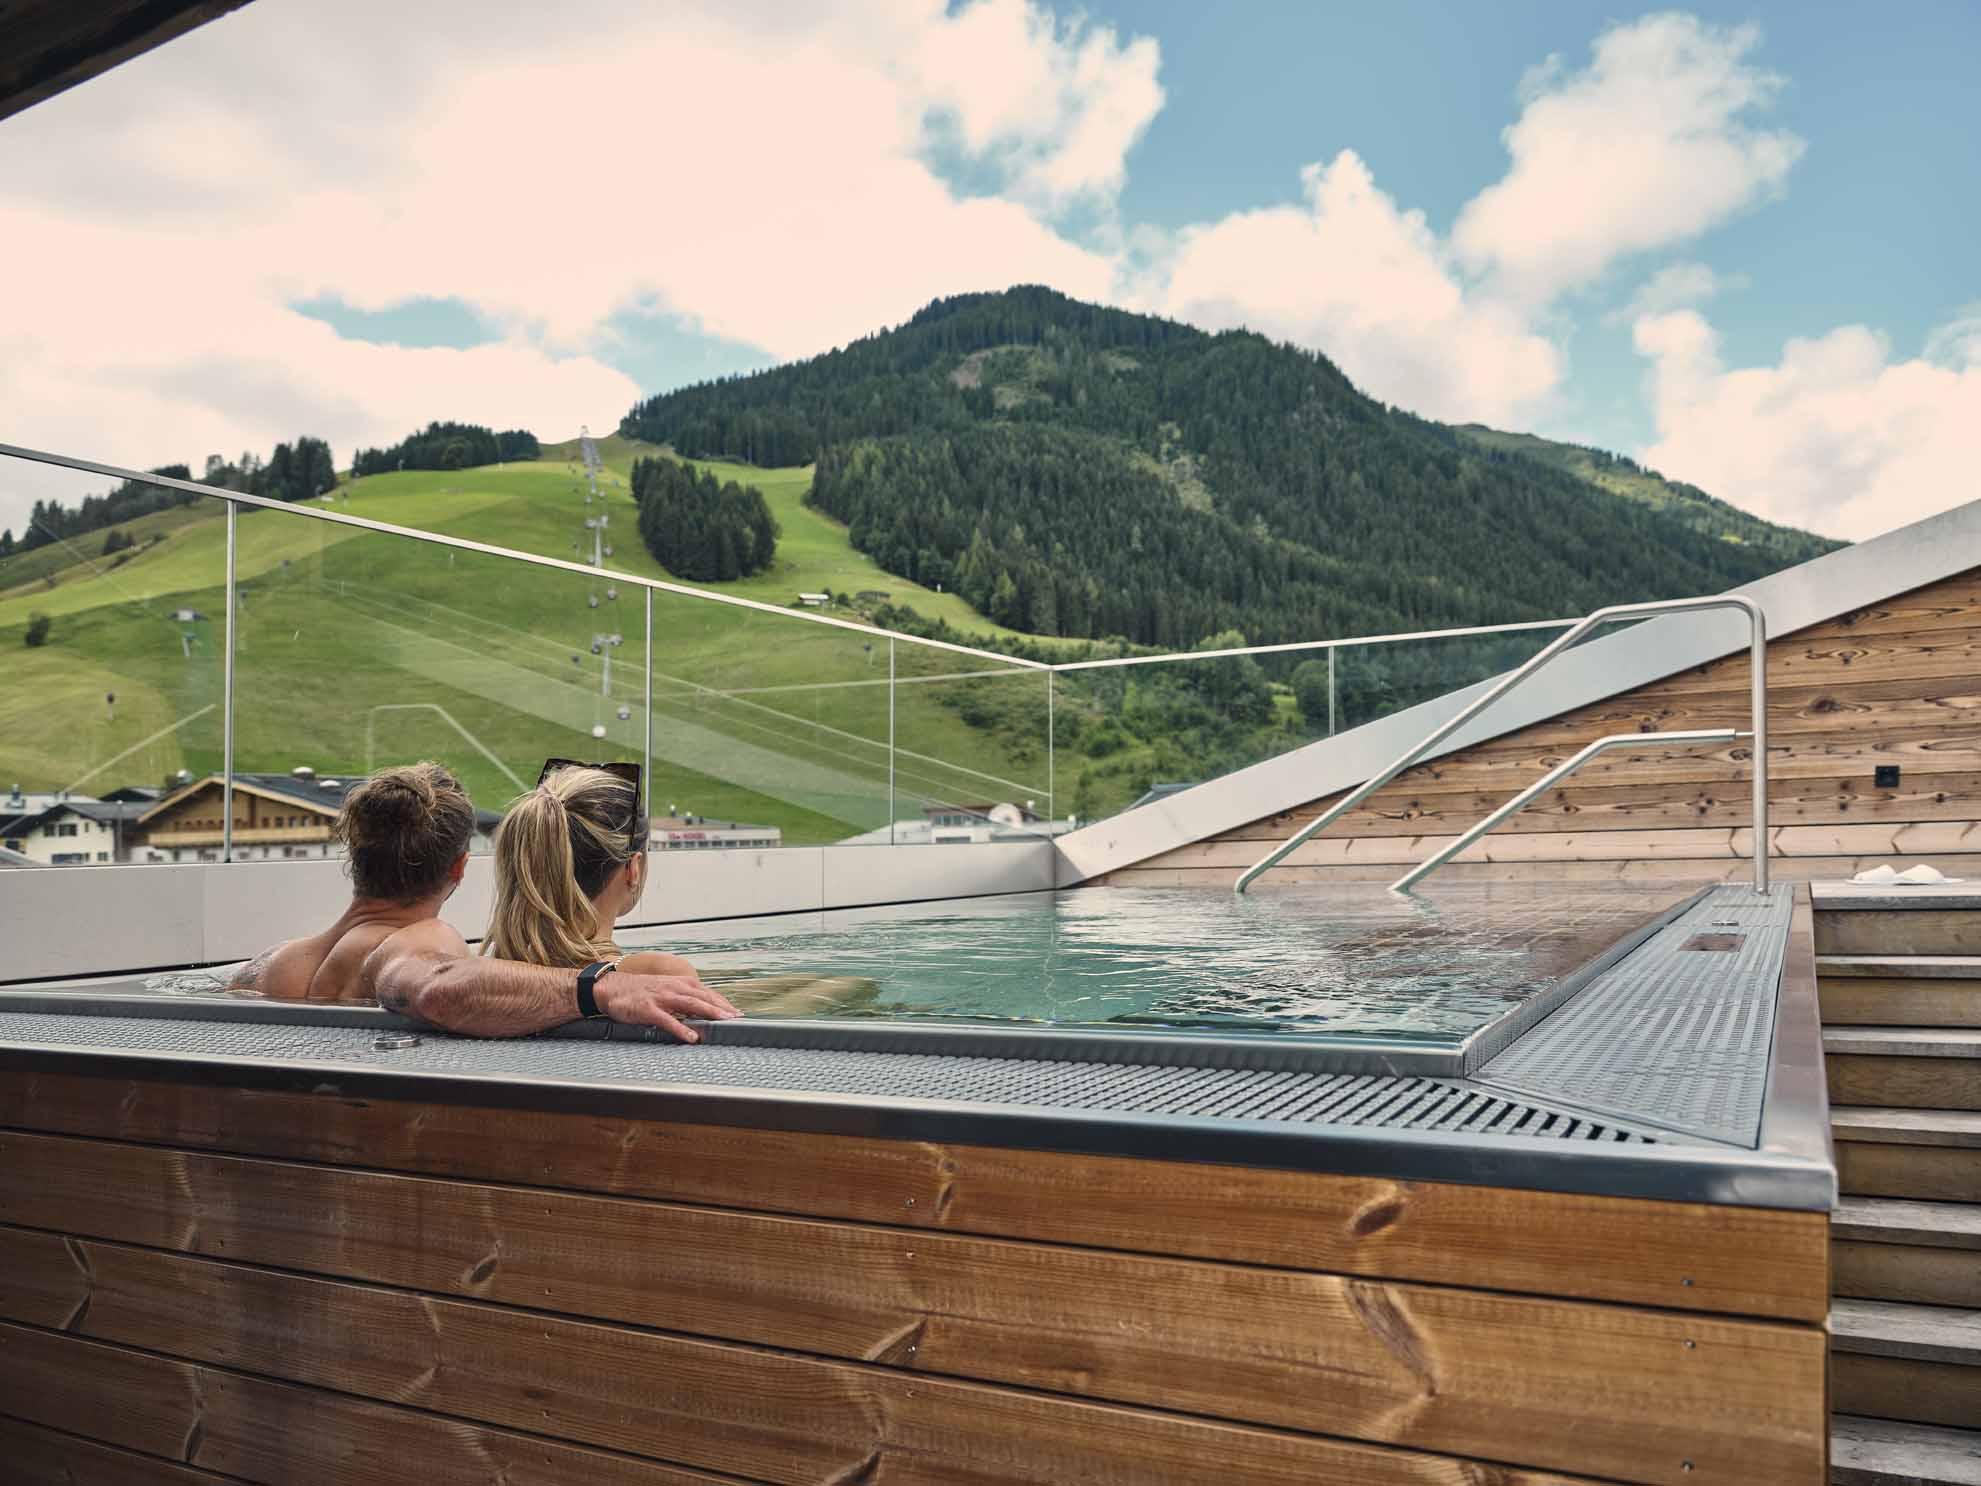 Zwei Personen im Rooftop-Whirlpool schauen in die Landschaft